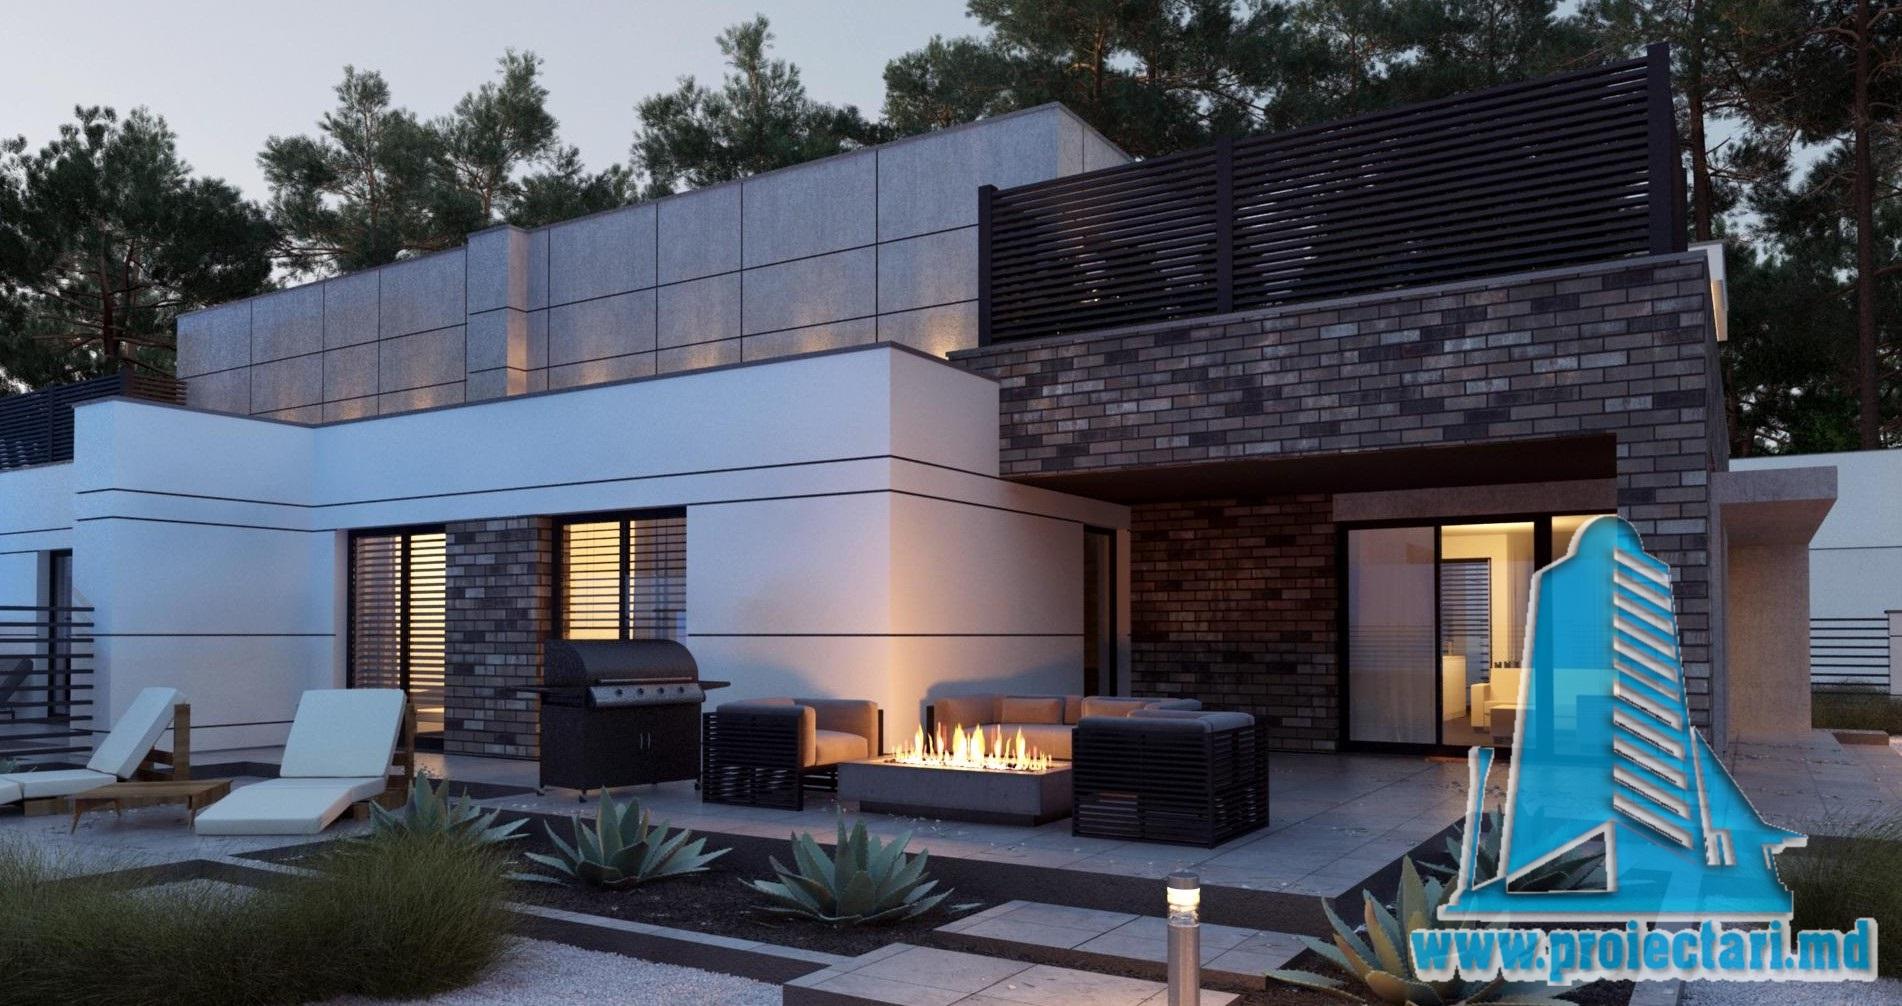 Proiect de casa cu doua etaje de tip Duplex cu garaj pentru doua automobile cu terasa de vara la sol si pe acoperis-100958